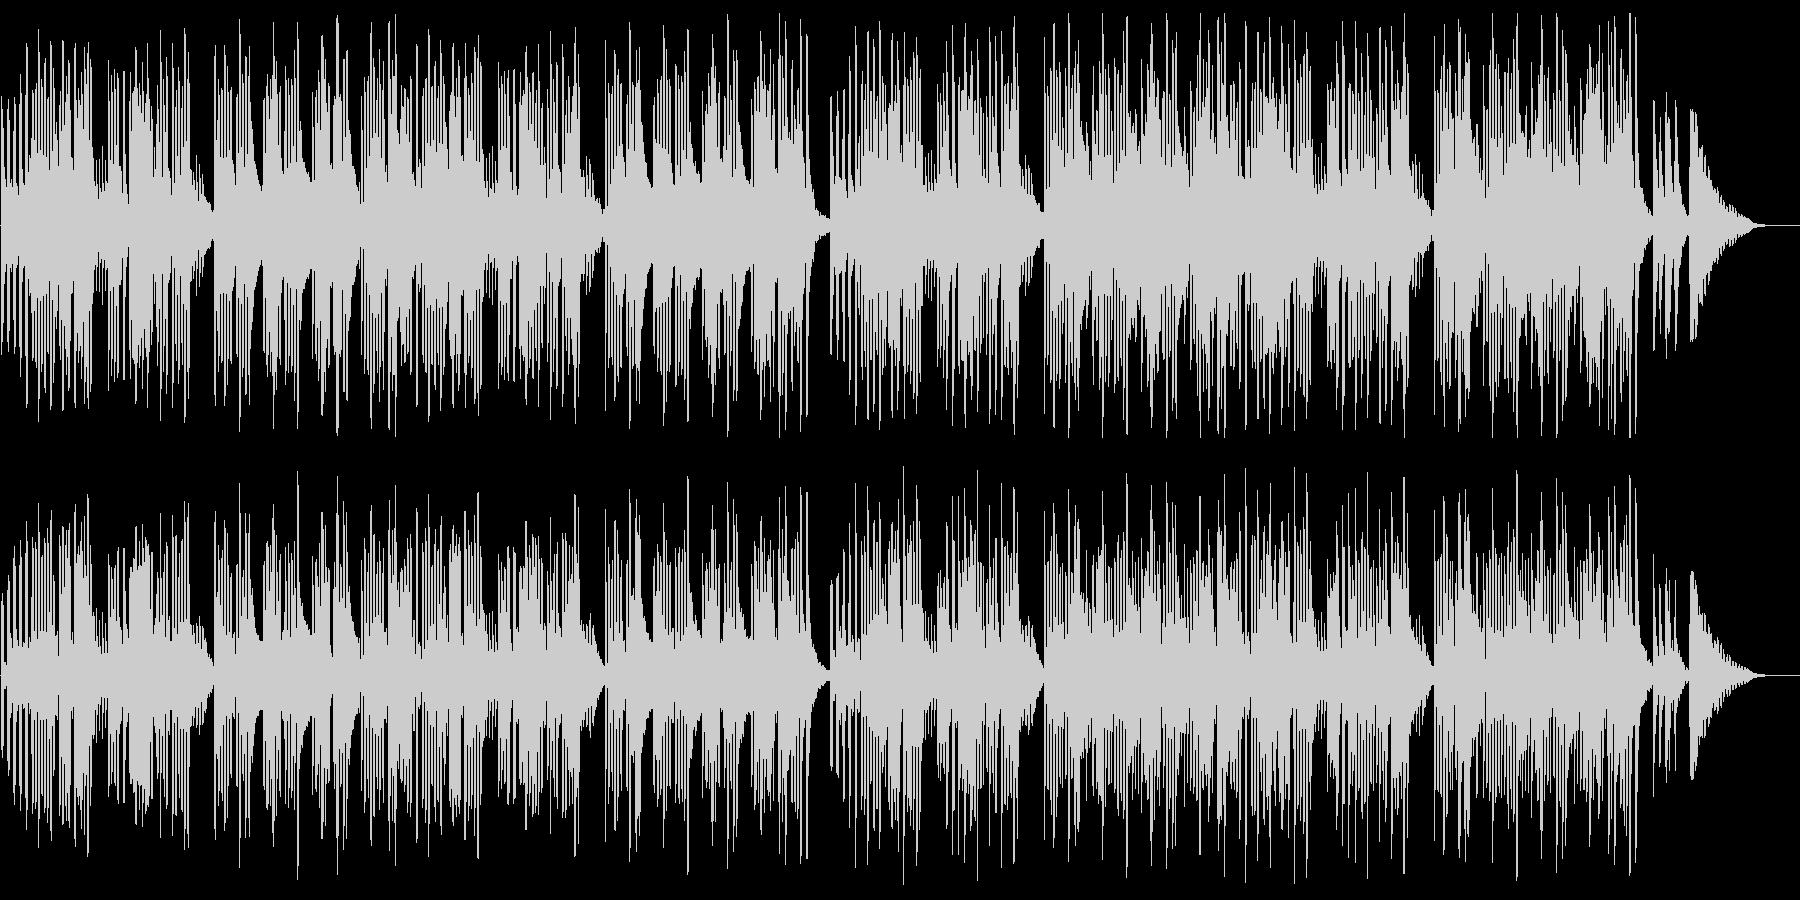 キュートでほのぼのした楽曲A:フル版の未再生の波形